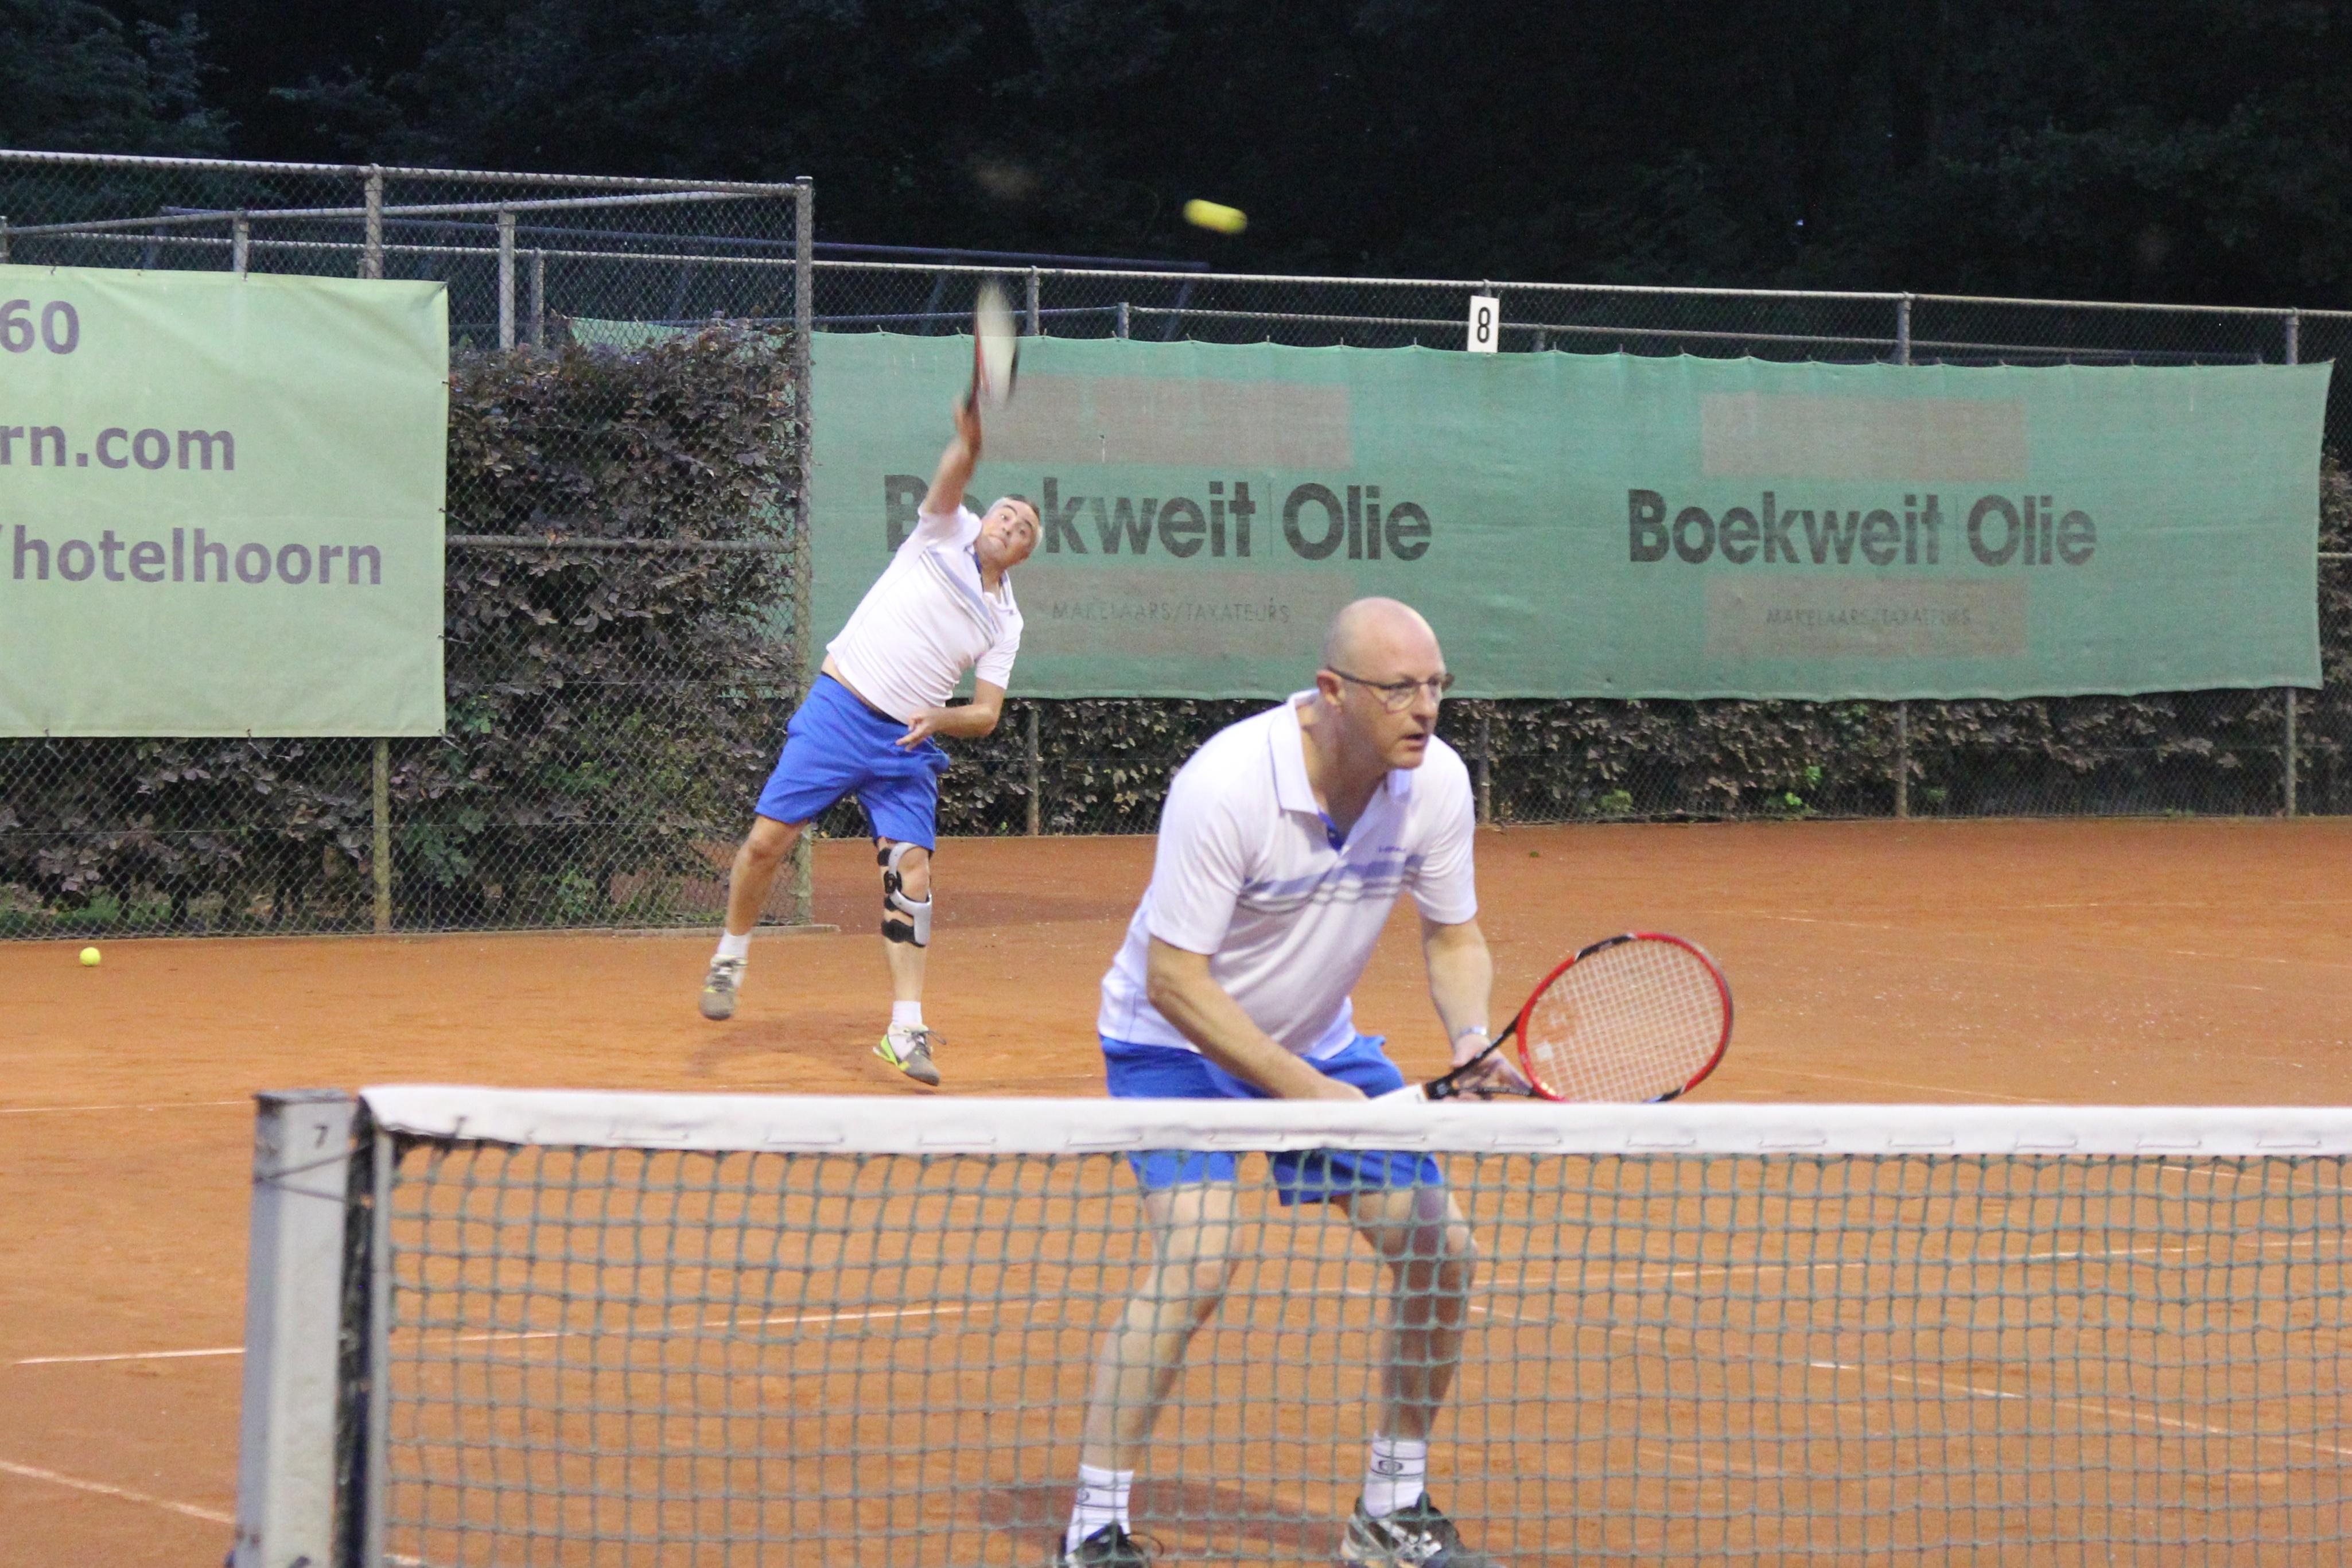 Het Boekweit|Olie Tennistoernooi is een toernooi is voor iedere tennisser, van recreatie- tot topniveau, voor elke speelsterkte en voor elke leeftijd. (Foto: aangeleverd)